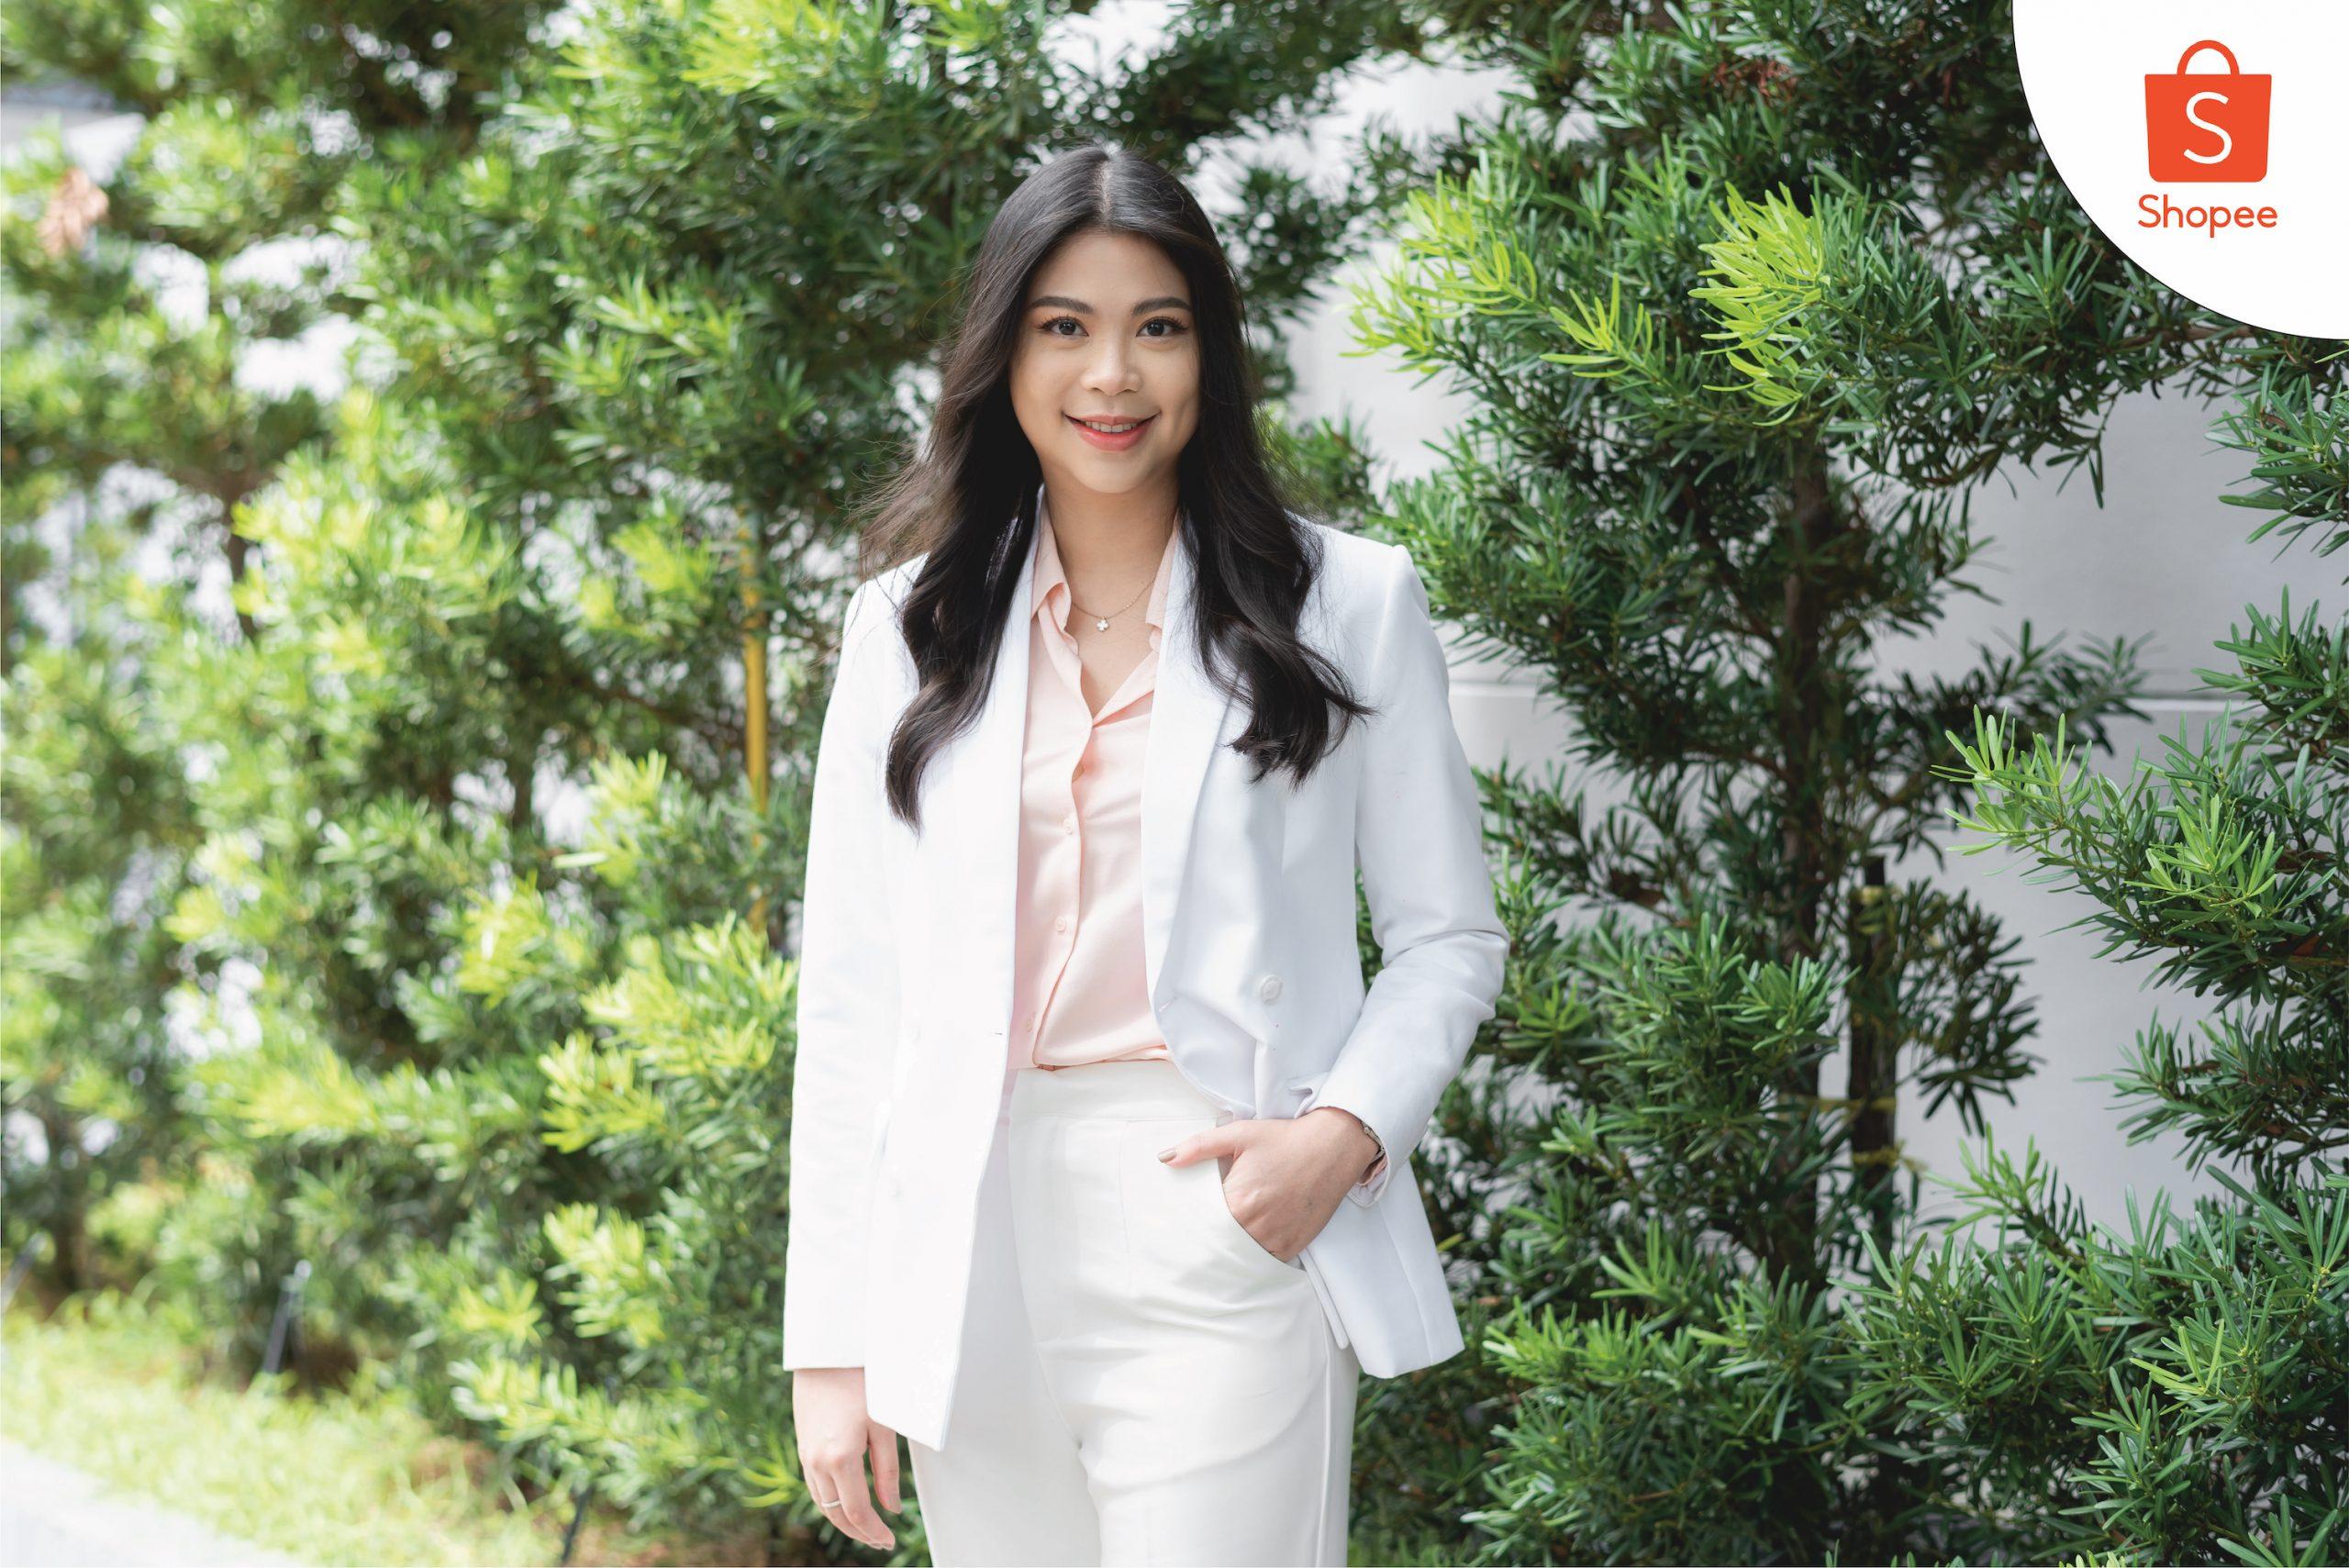 สุชญา ปาลีวงศ์ ผู้จัดการอาวุโสฝ่ายการตลาด ช้อปปี้ ประเทศไทย